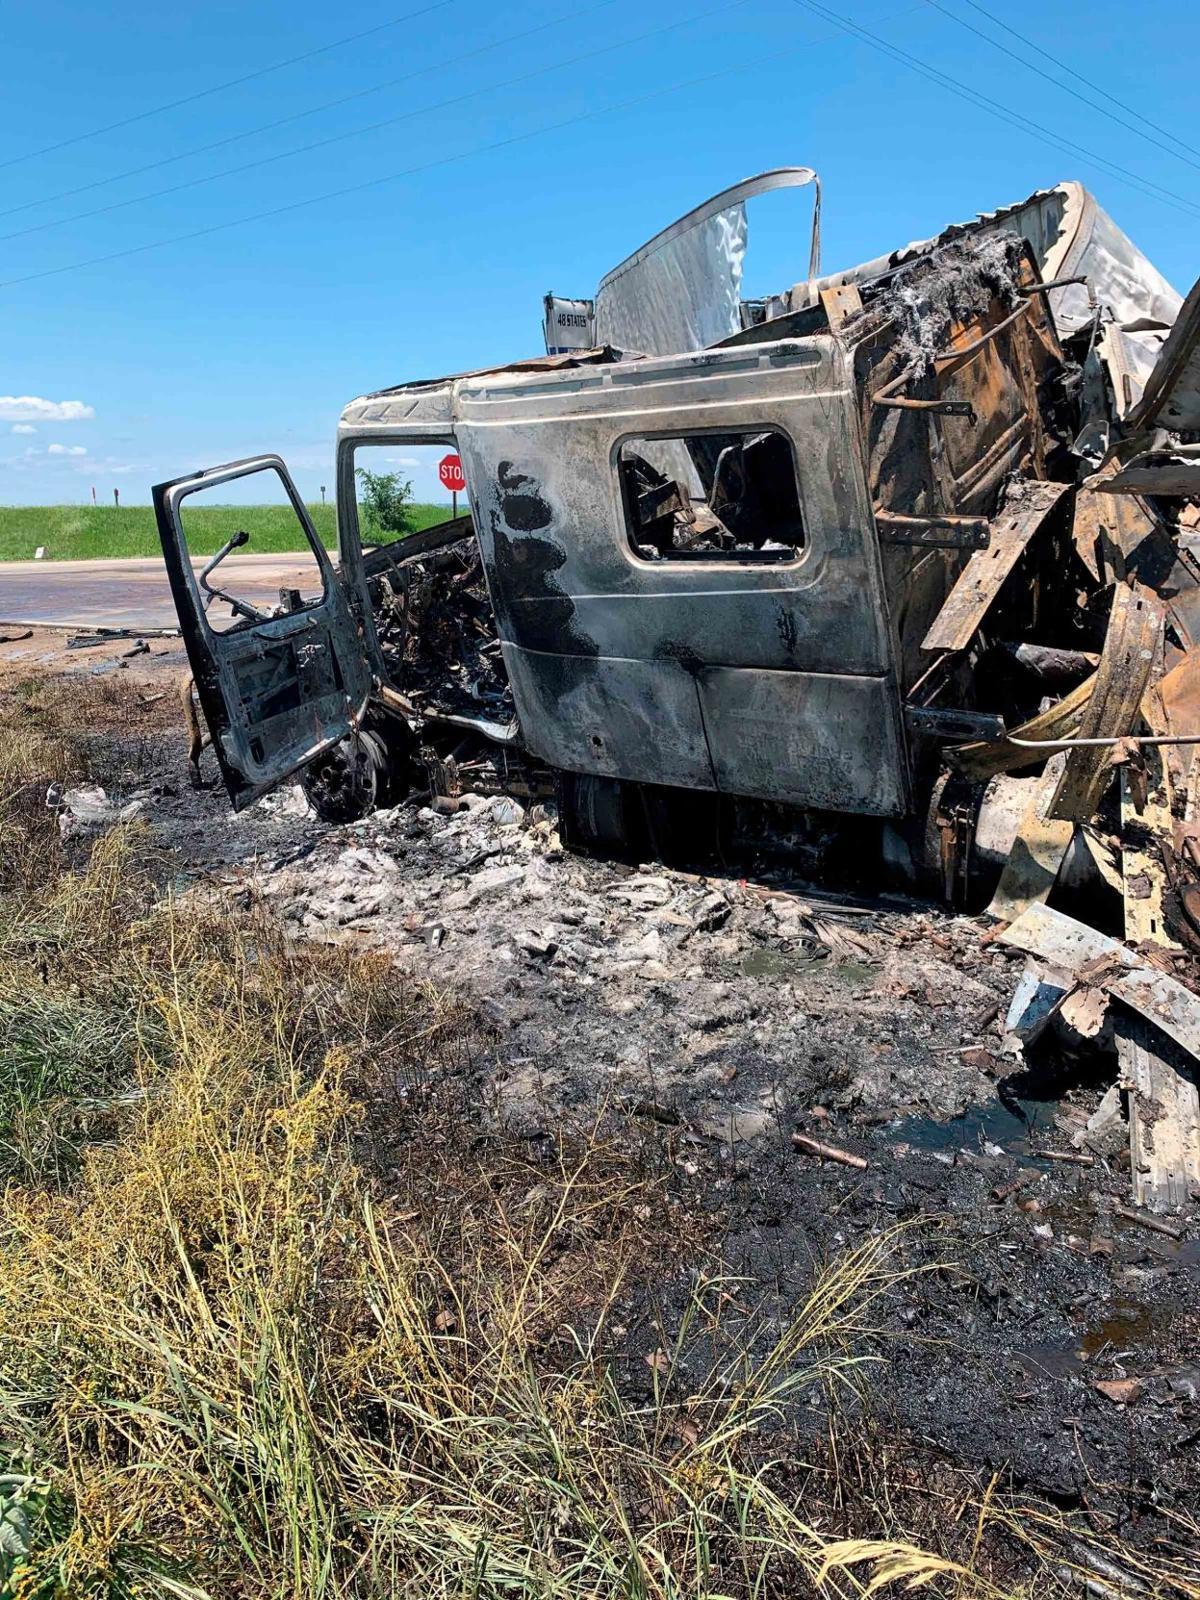 NSP June 20 2020 crash trailer fireworks NSP Fremont 2